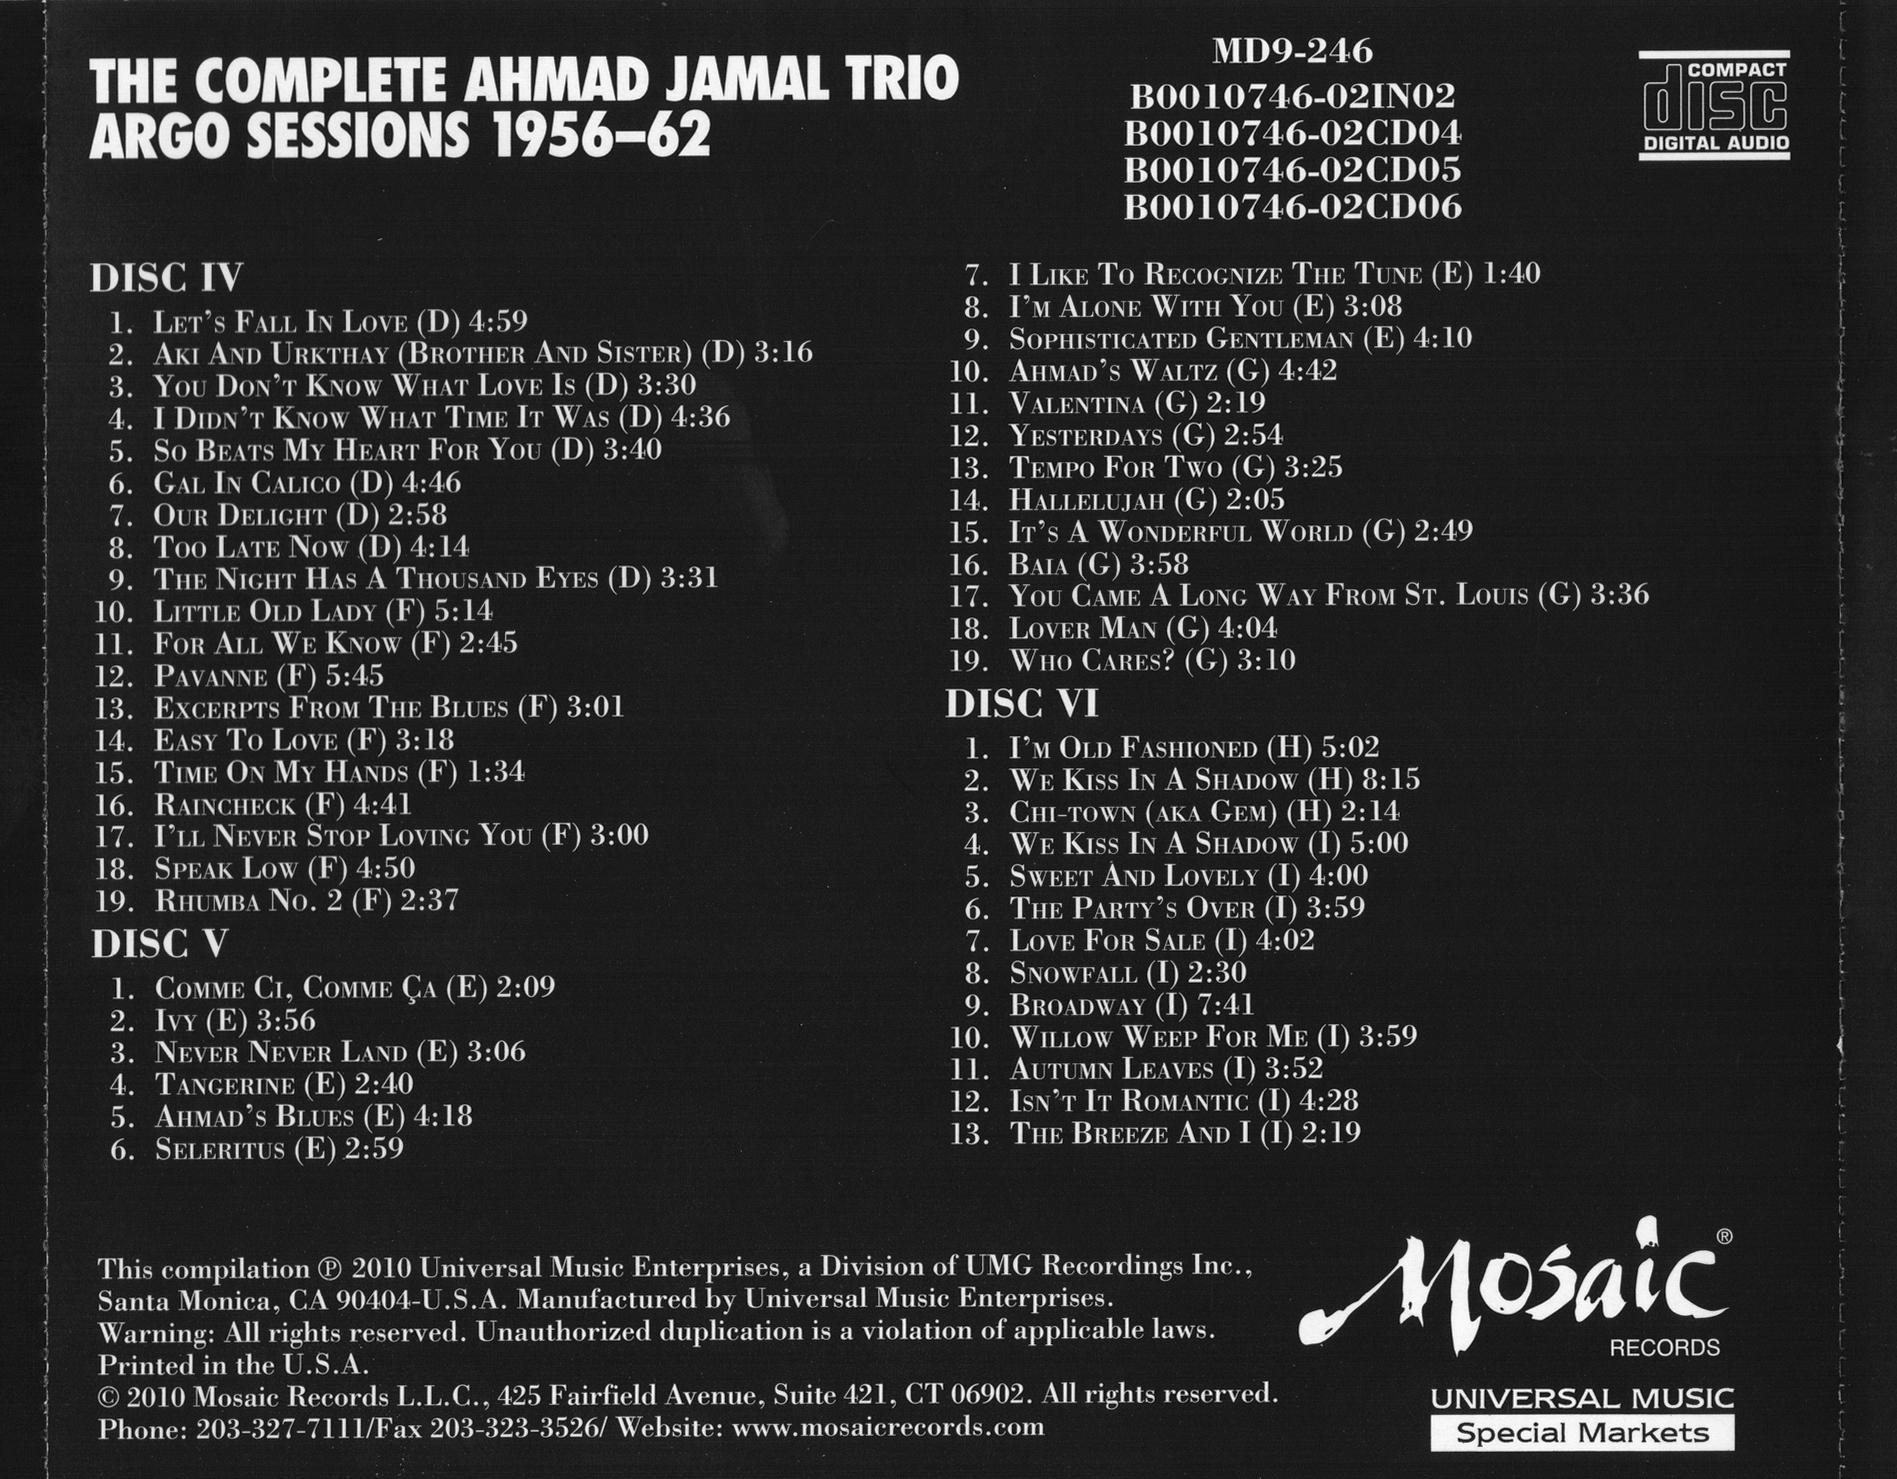 Ahmad Jamal - The Complete Ahmad Jamal Trio Argo Sessions 1956-62 (2010) {9CD BoxSet Mosaic MD9 246}